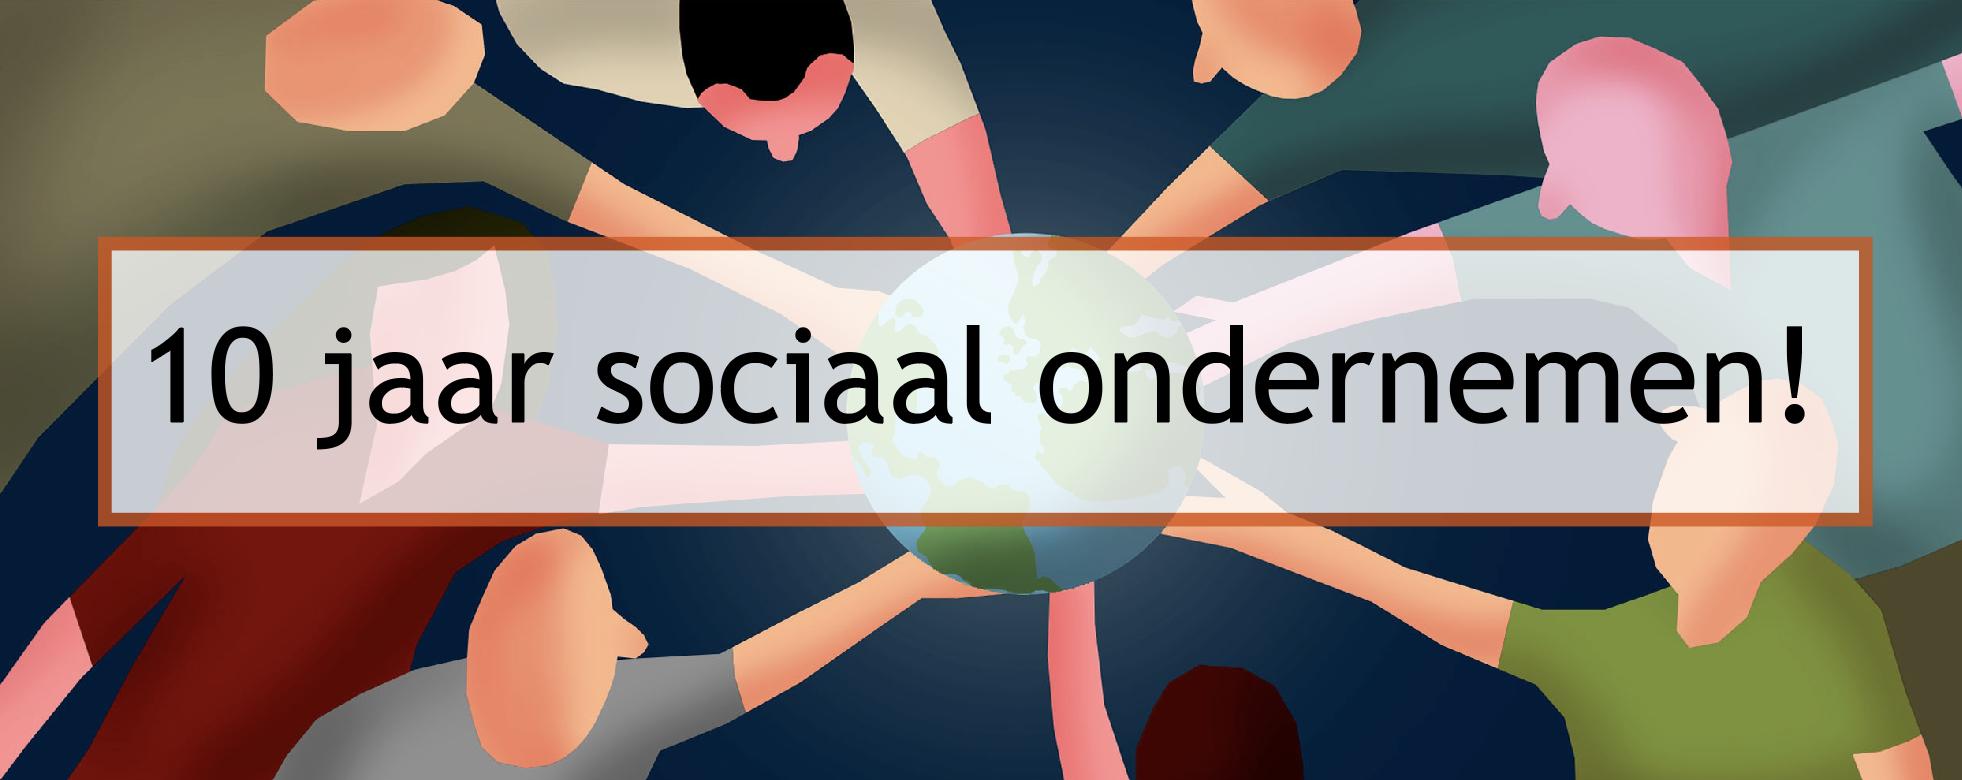 10 jaar sociaal ondenemen.png